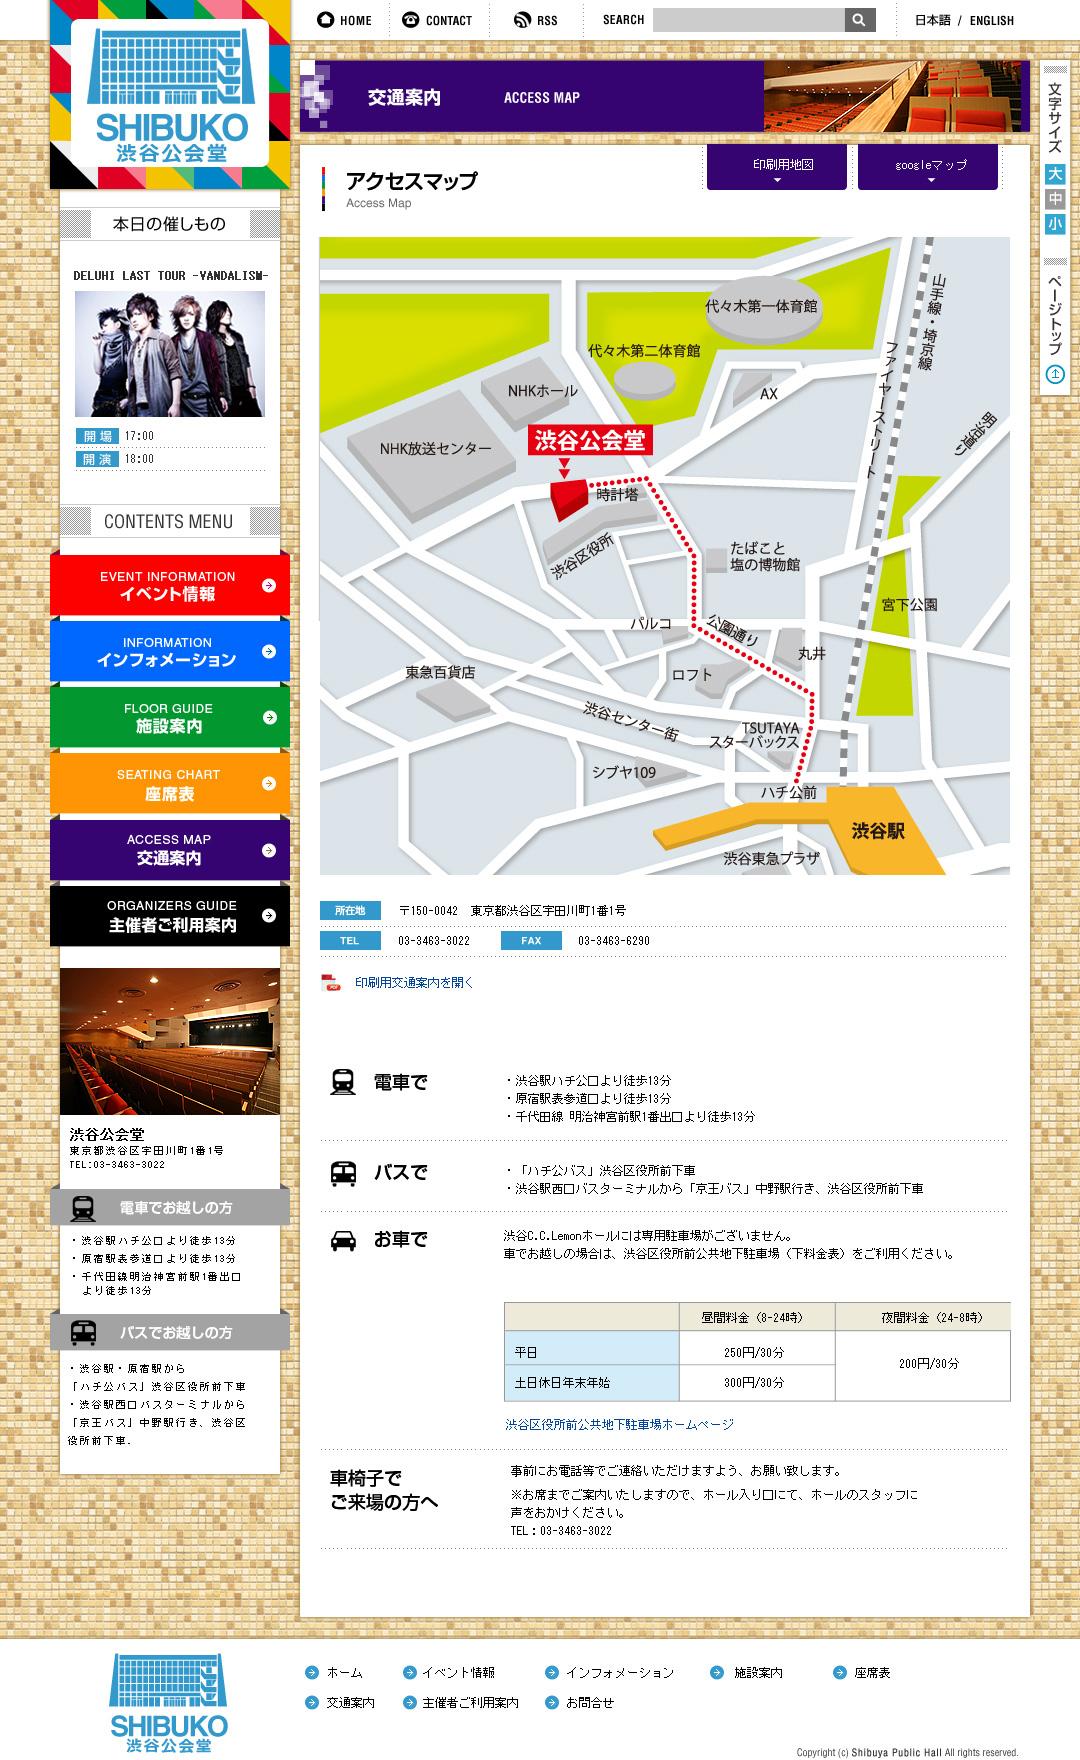 ホームページ画面02_渋谷公会堂